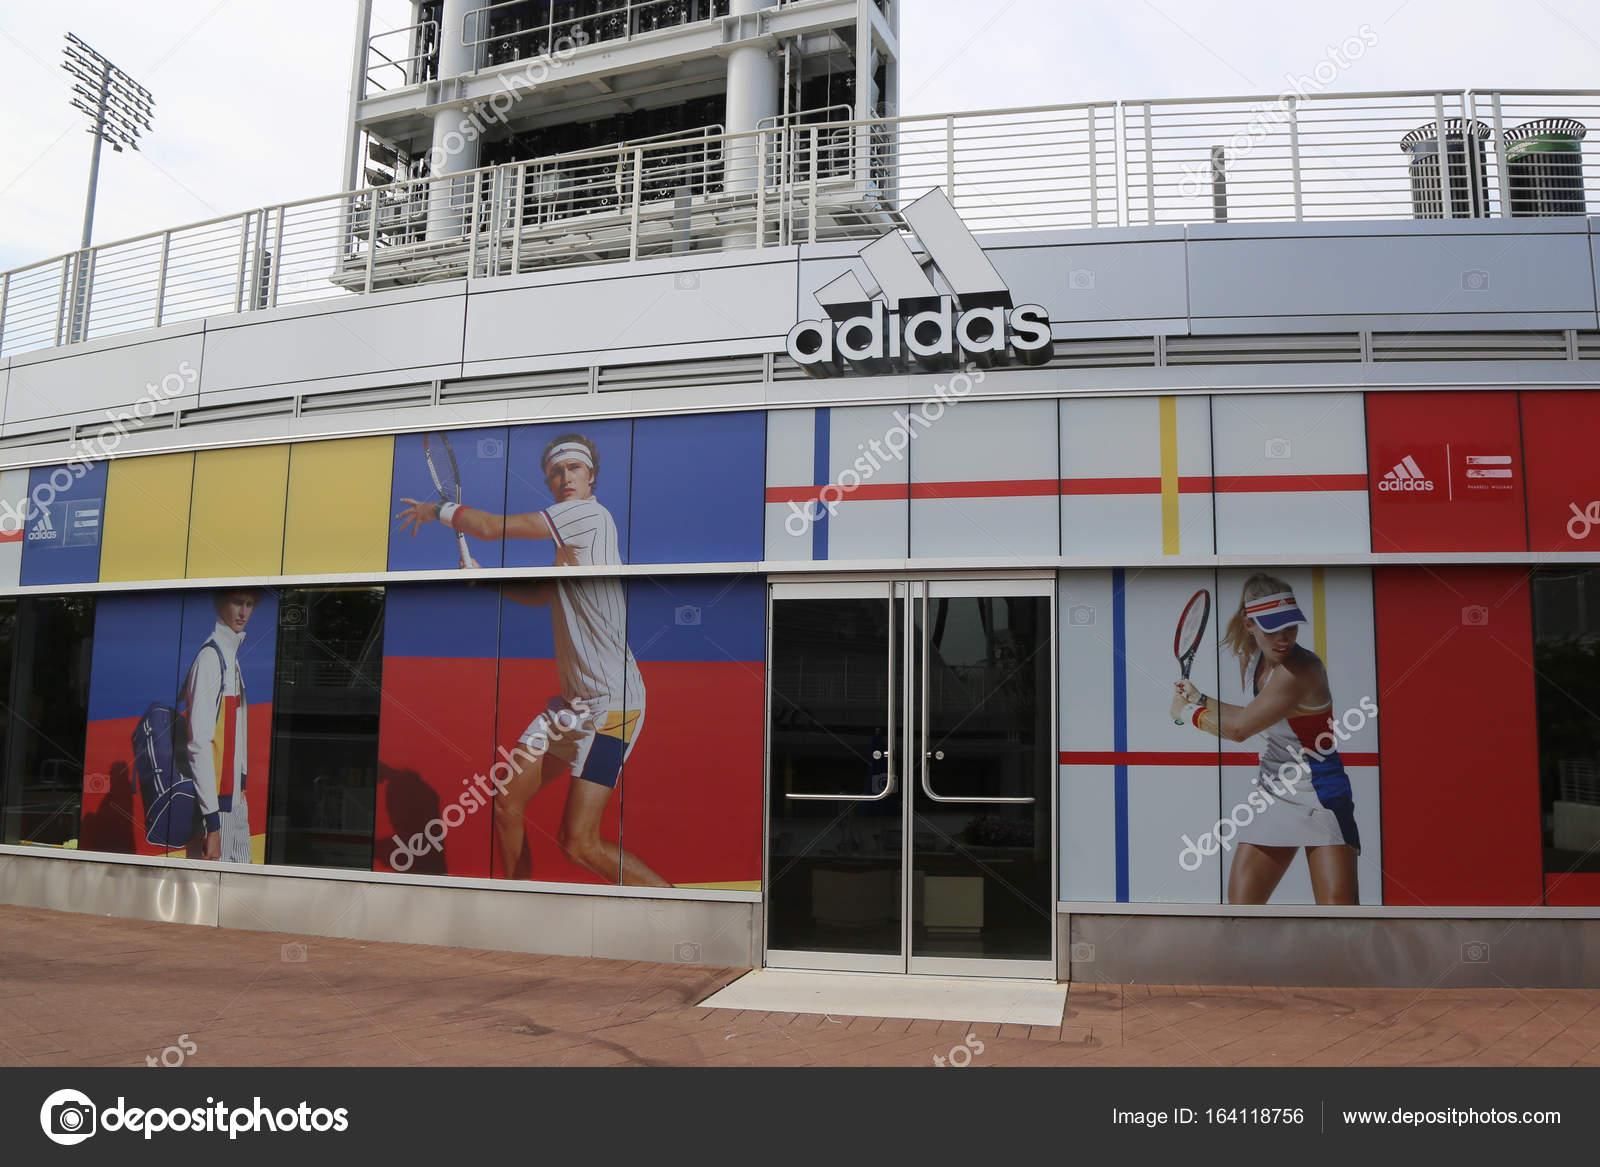 Adidas Presenta Nuova Raccolta Il Da Pharrell Williams Durante Il Raccolta Tennis 5095cc